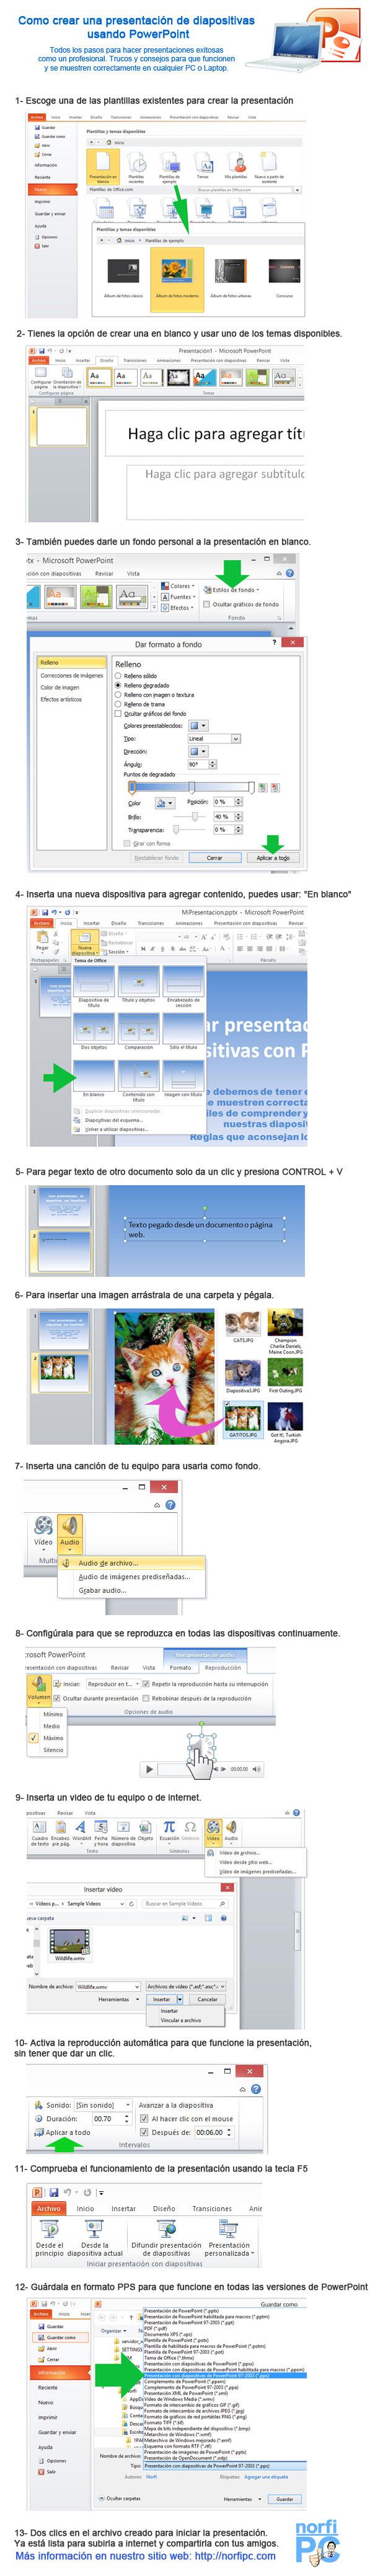 Como crear una presentación de diapositivas usando PowerPoint, Infografía con todos los pasos necesarios.